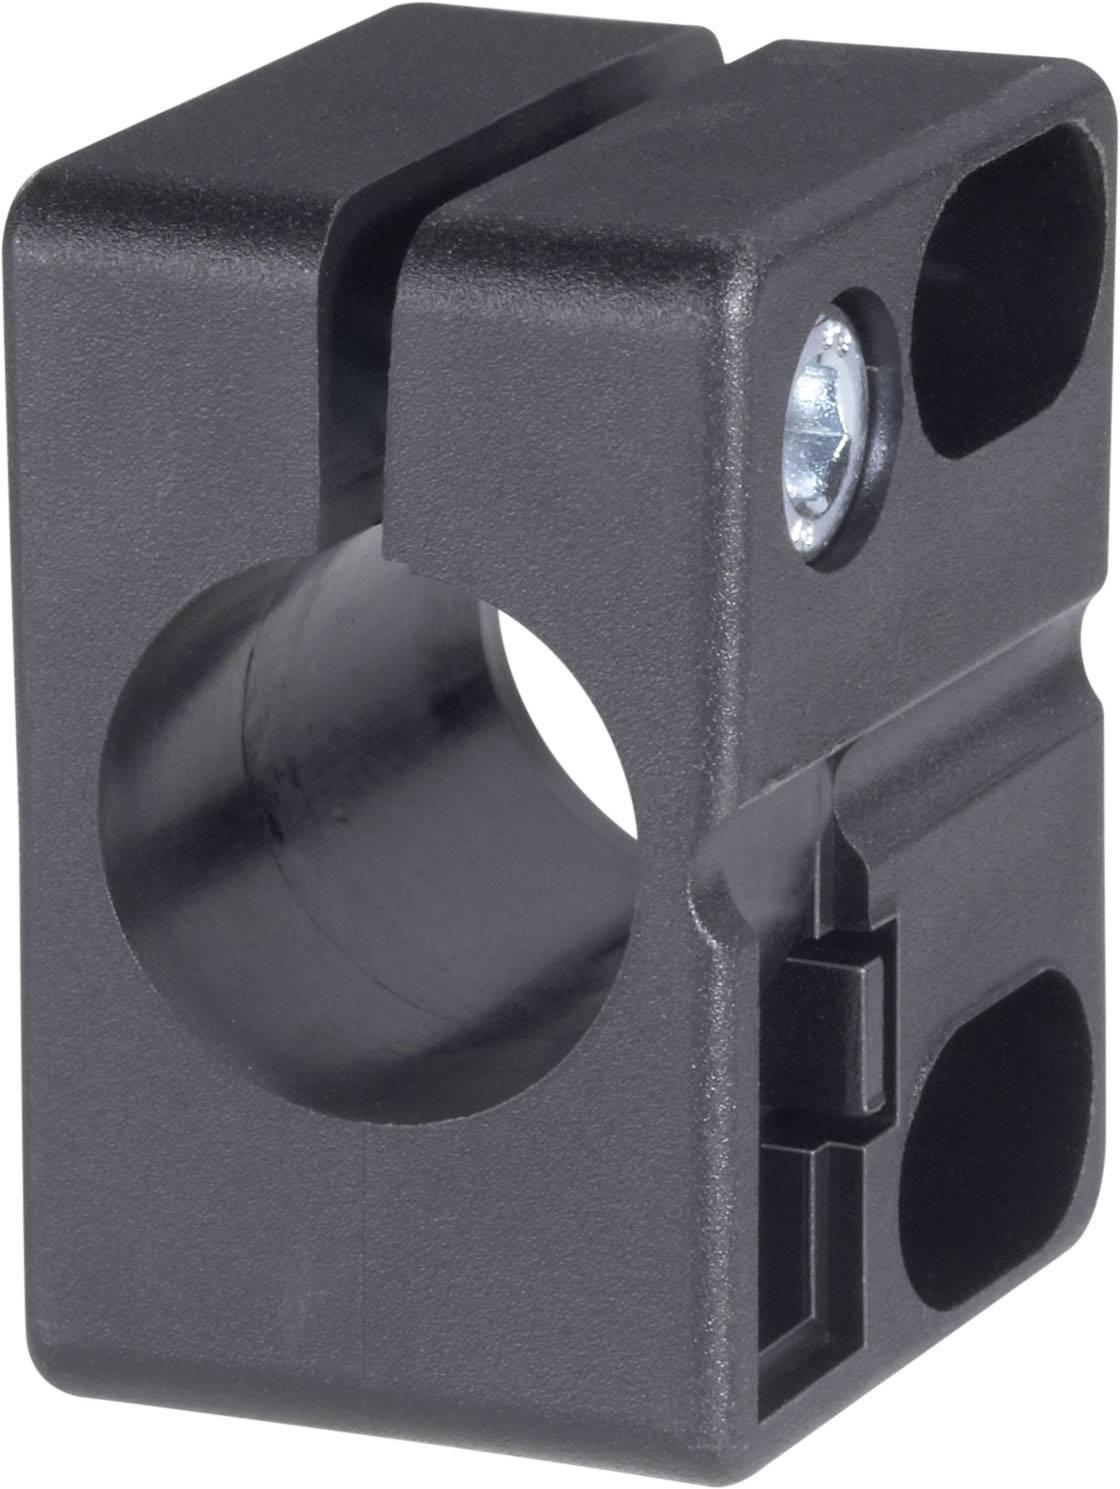 Držák senzoru Contrinex ASU-0001-180 (606 000 009), ASU-0001-180, PA 6 GK černý